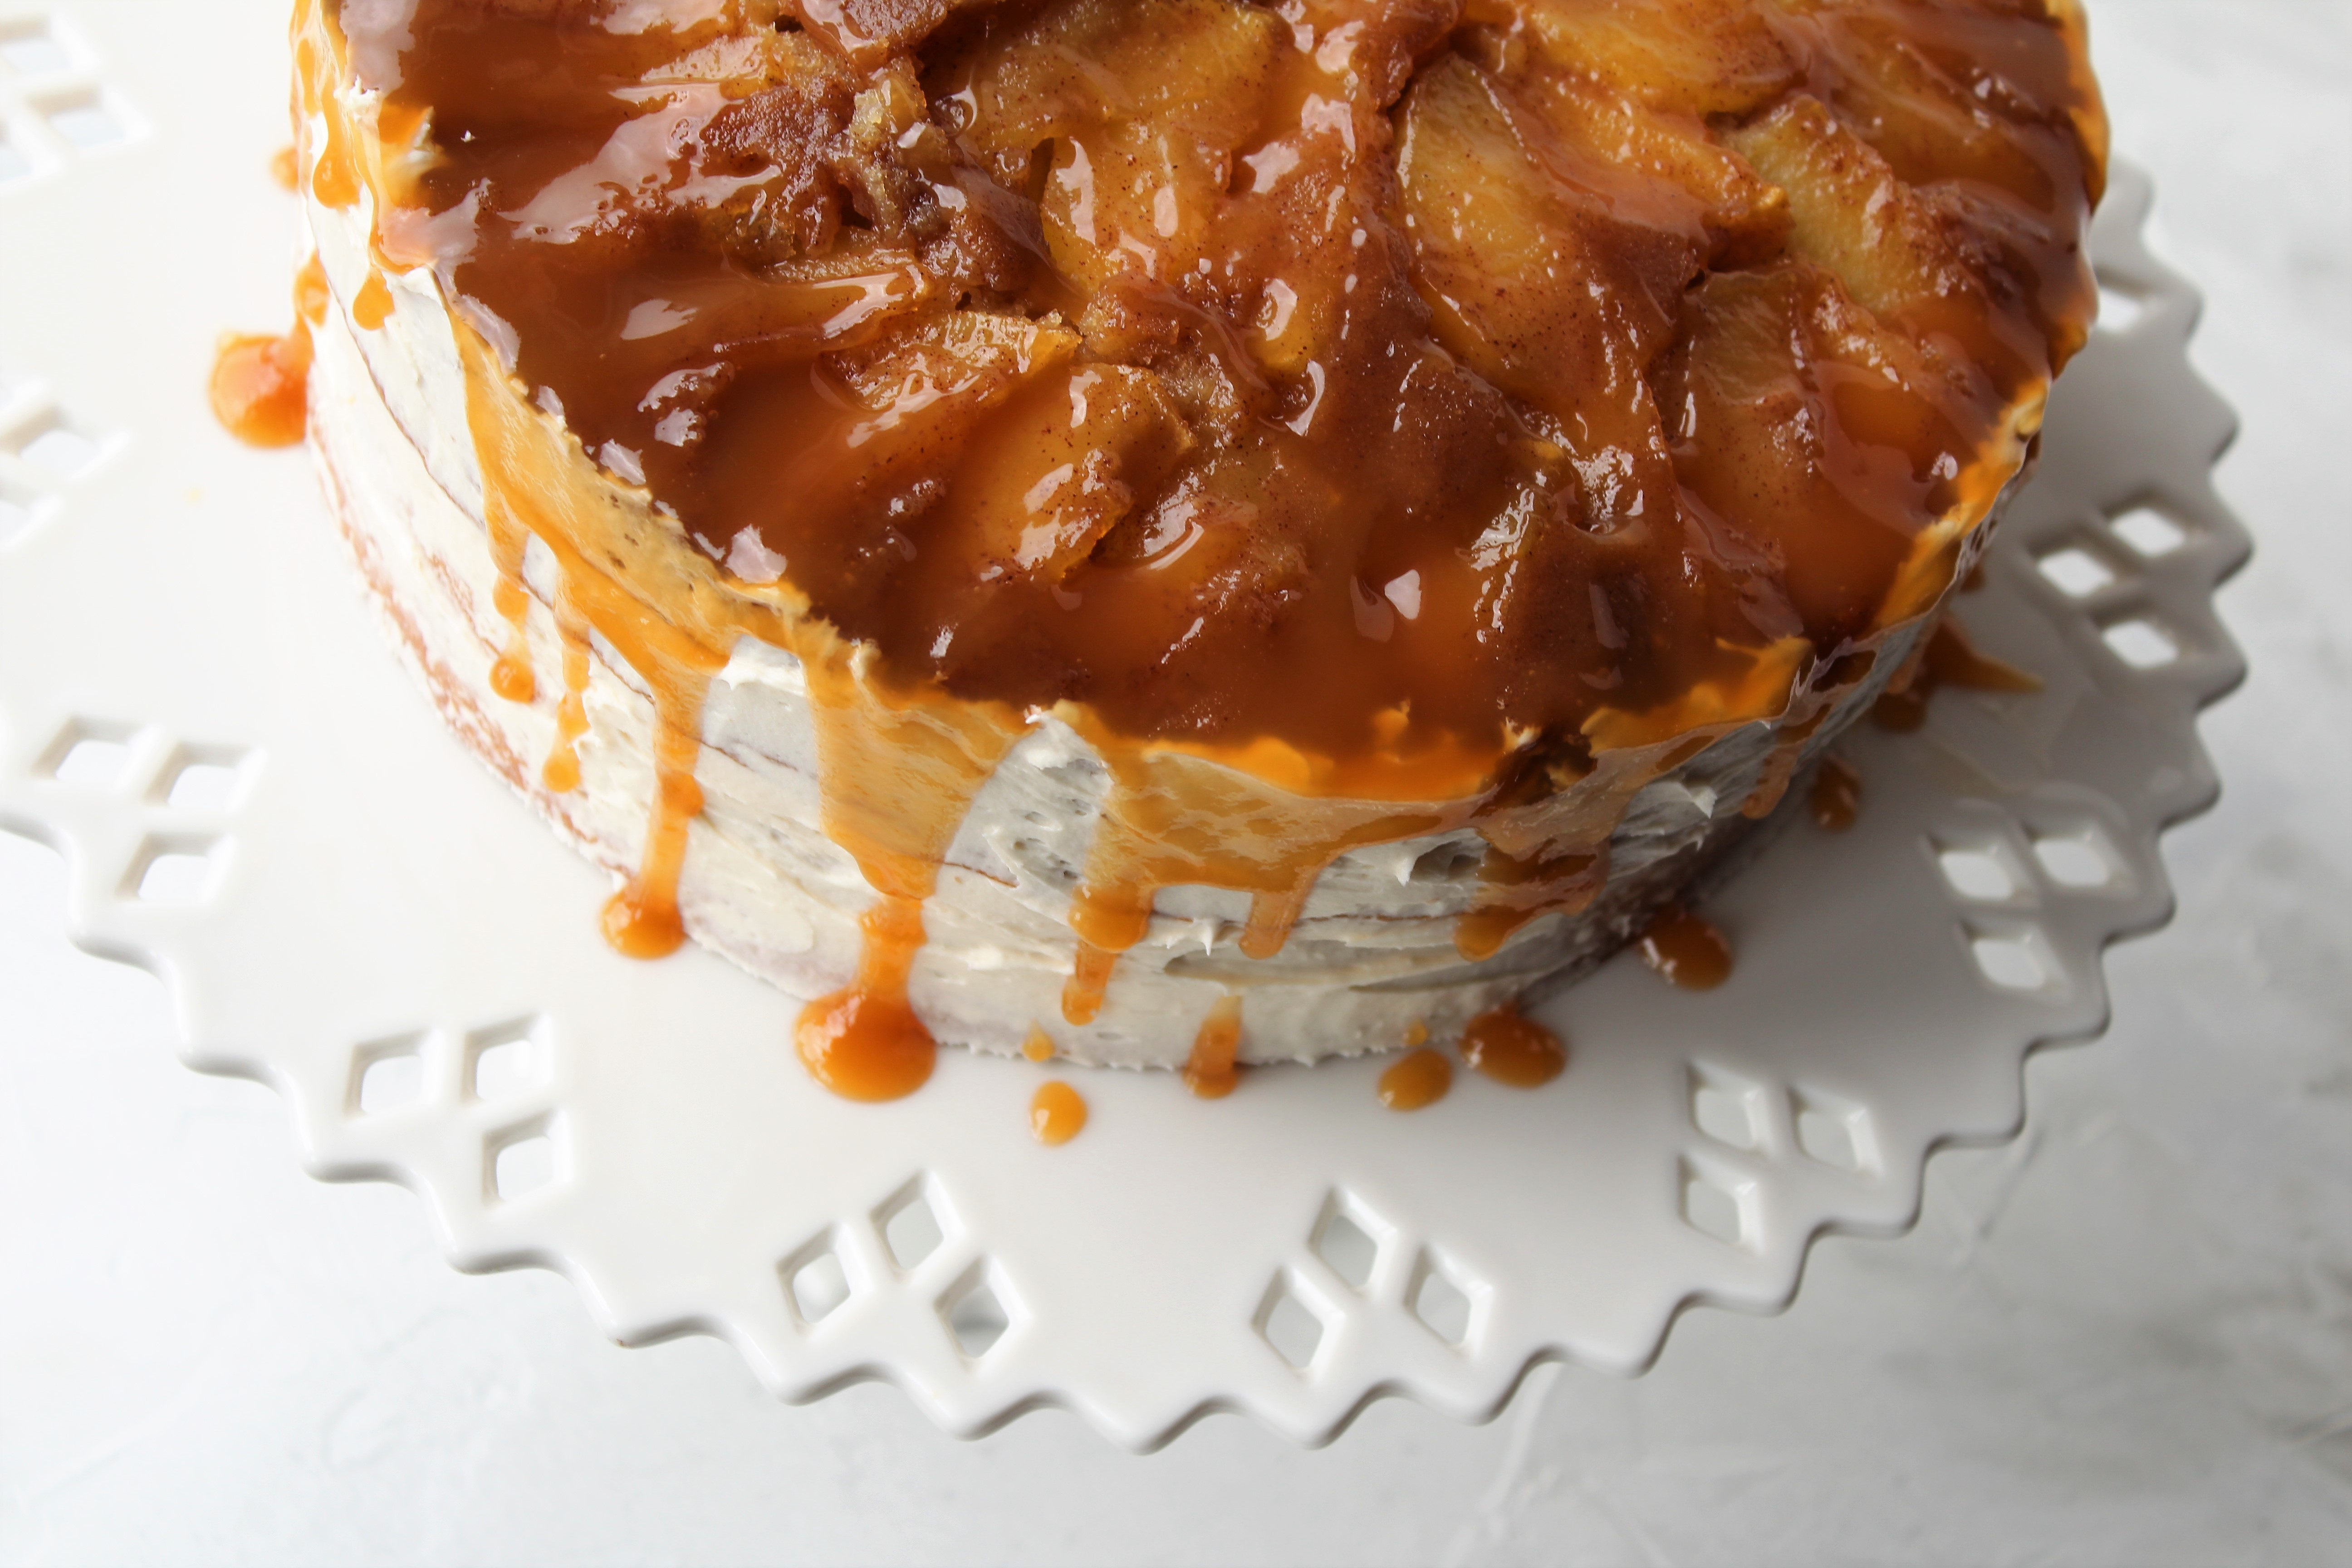 Easy Homemade Pineapple Upside Down Cake